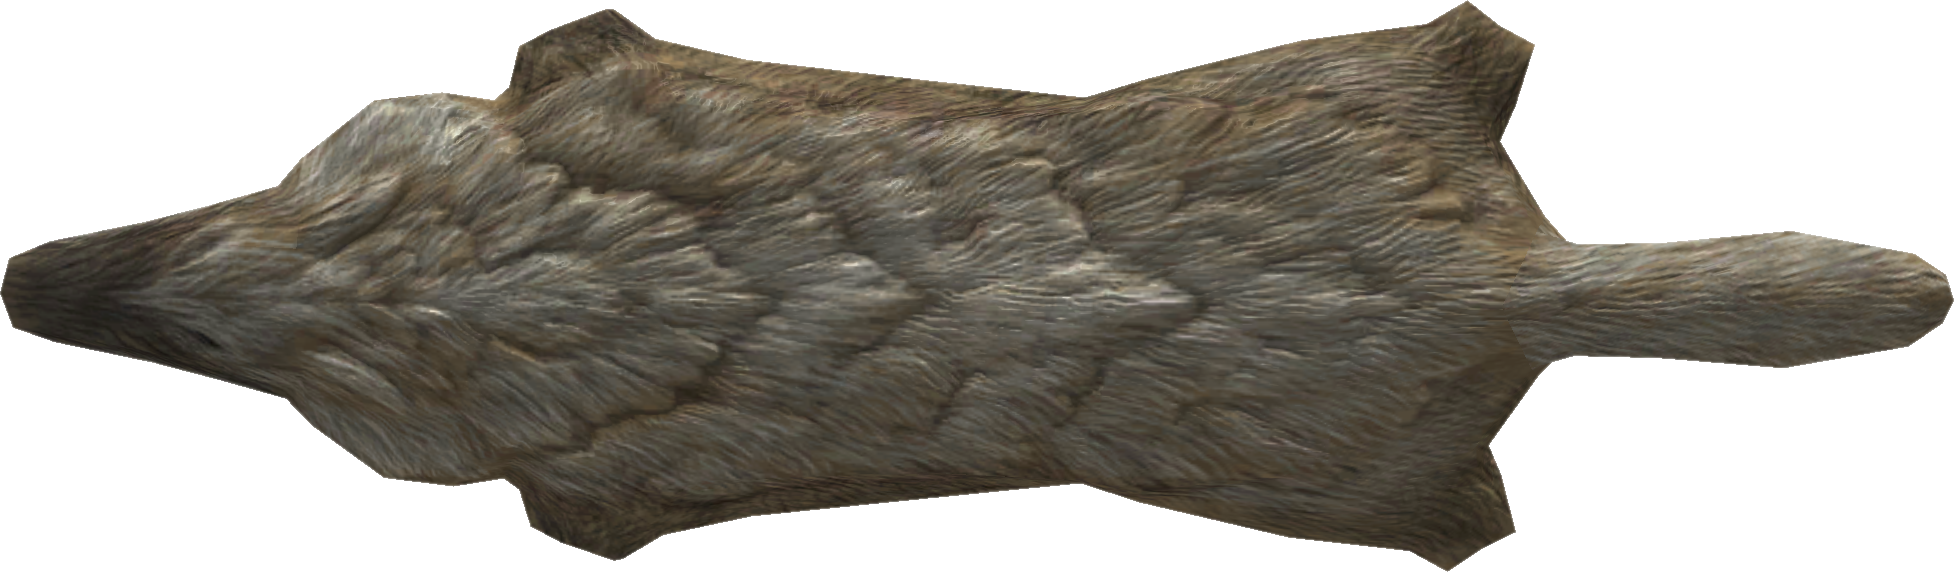 ice wolf pelt elder scrolls fandom powered by wikia